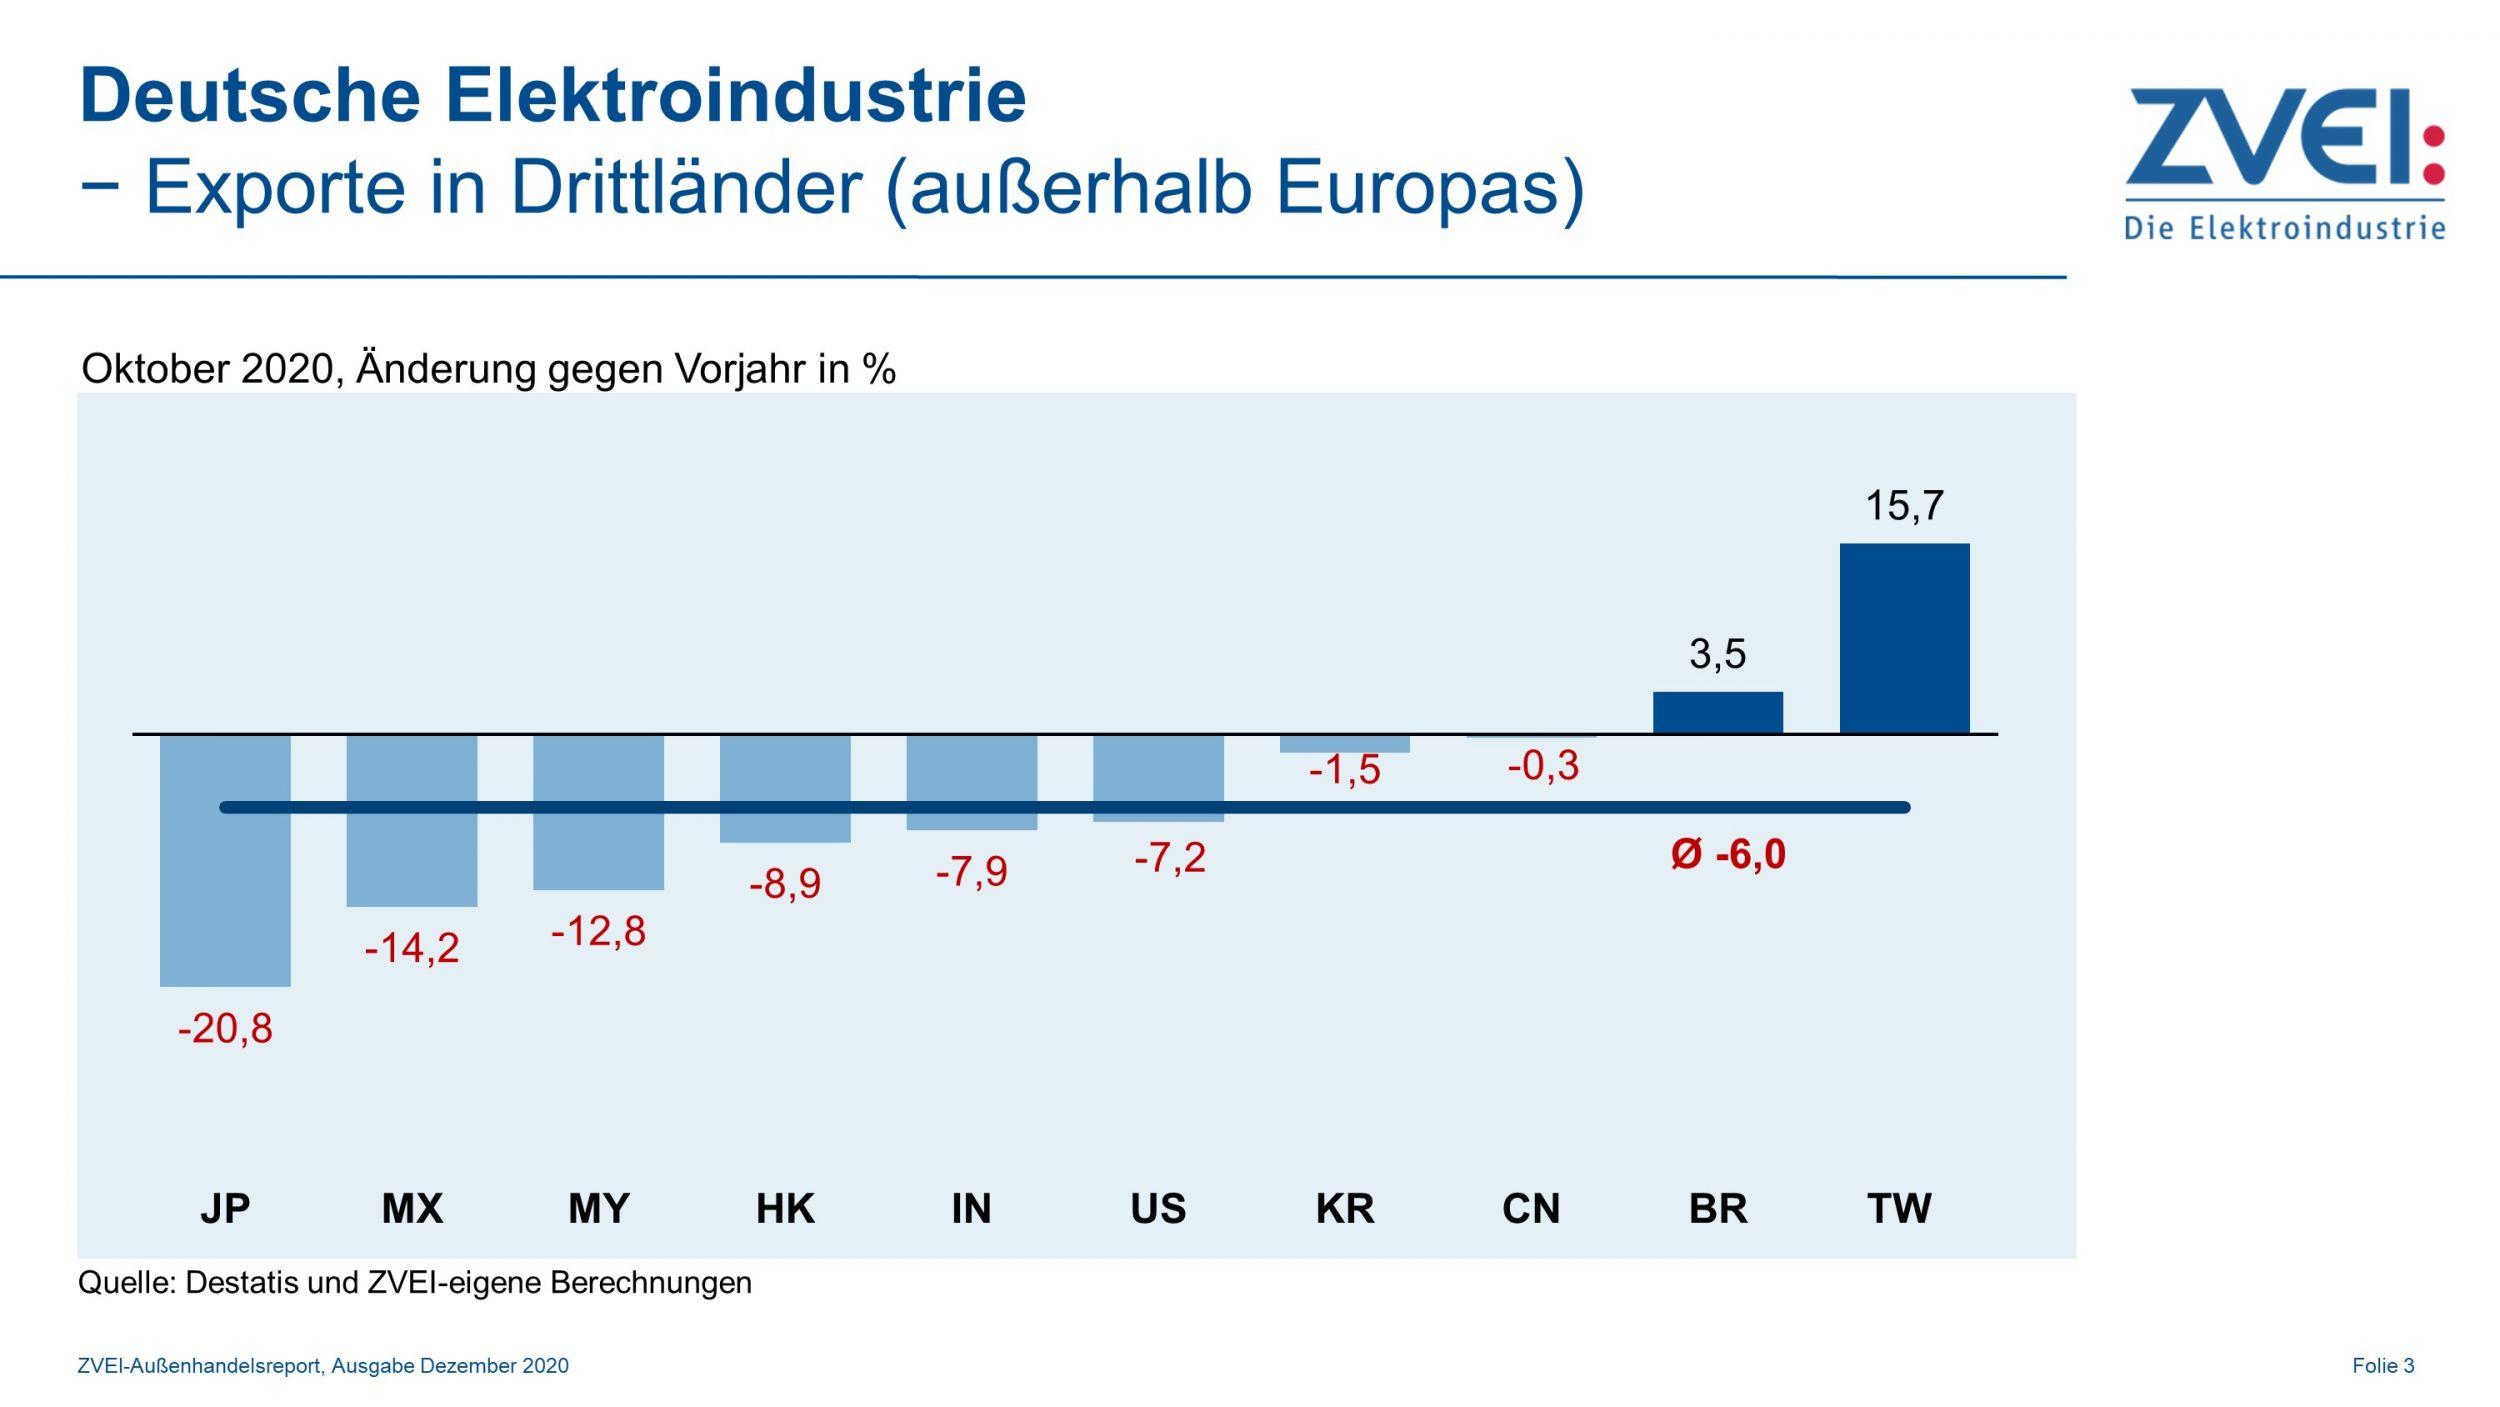 Deutsche Elektroexporte in Drittländer im Oktober 2020